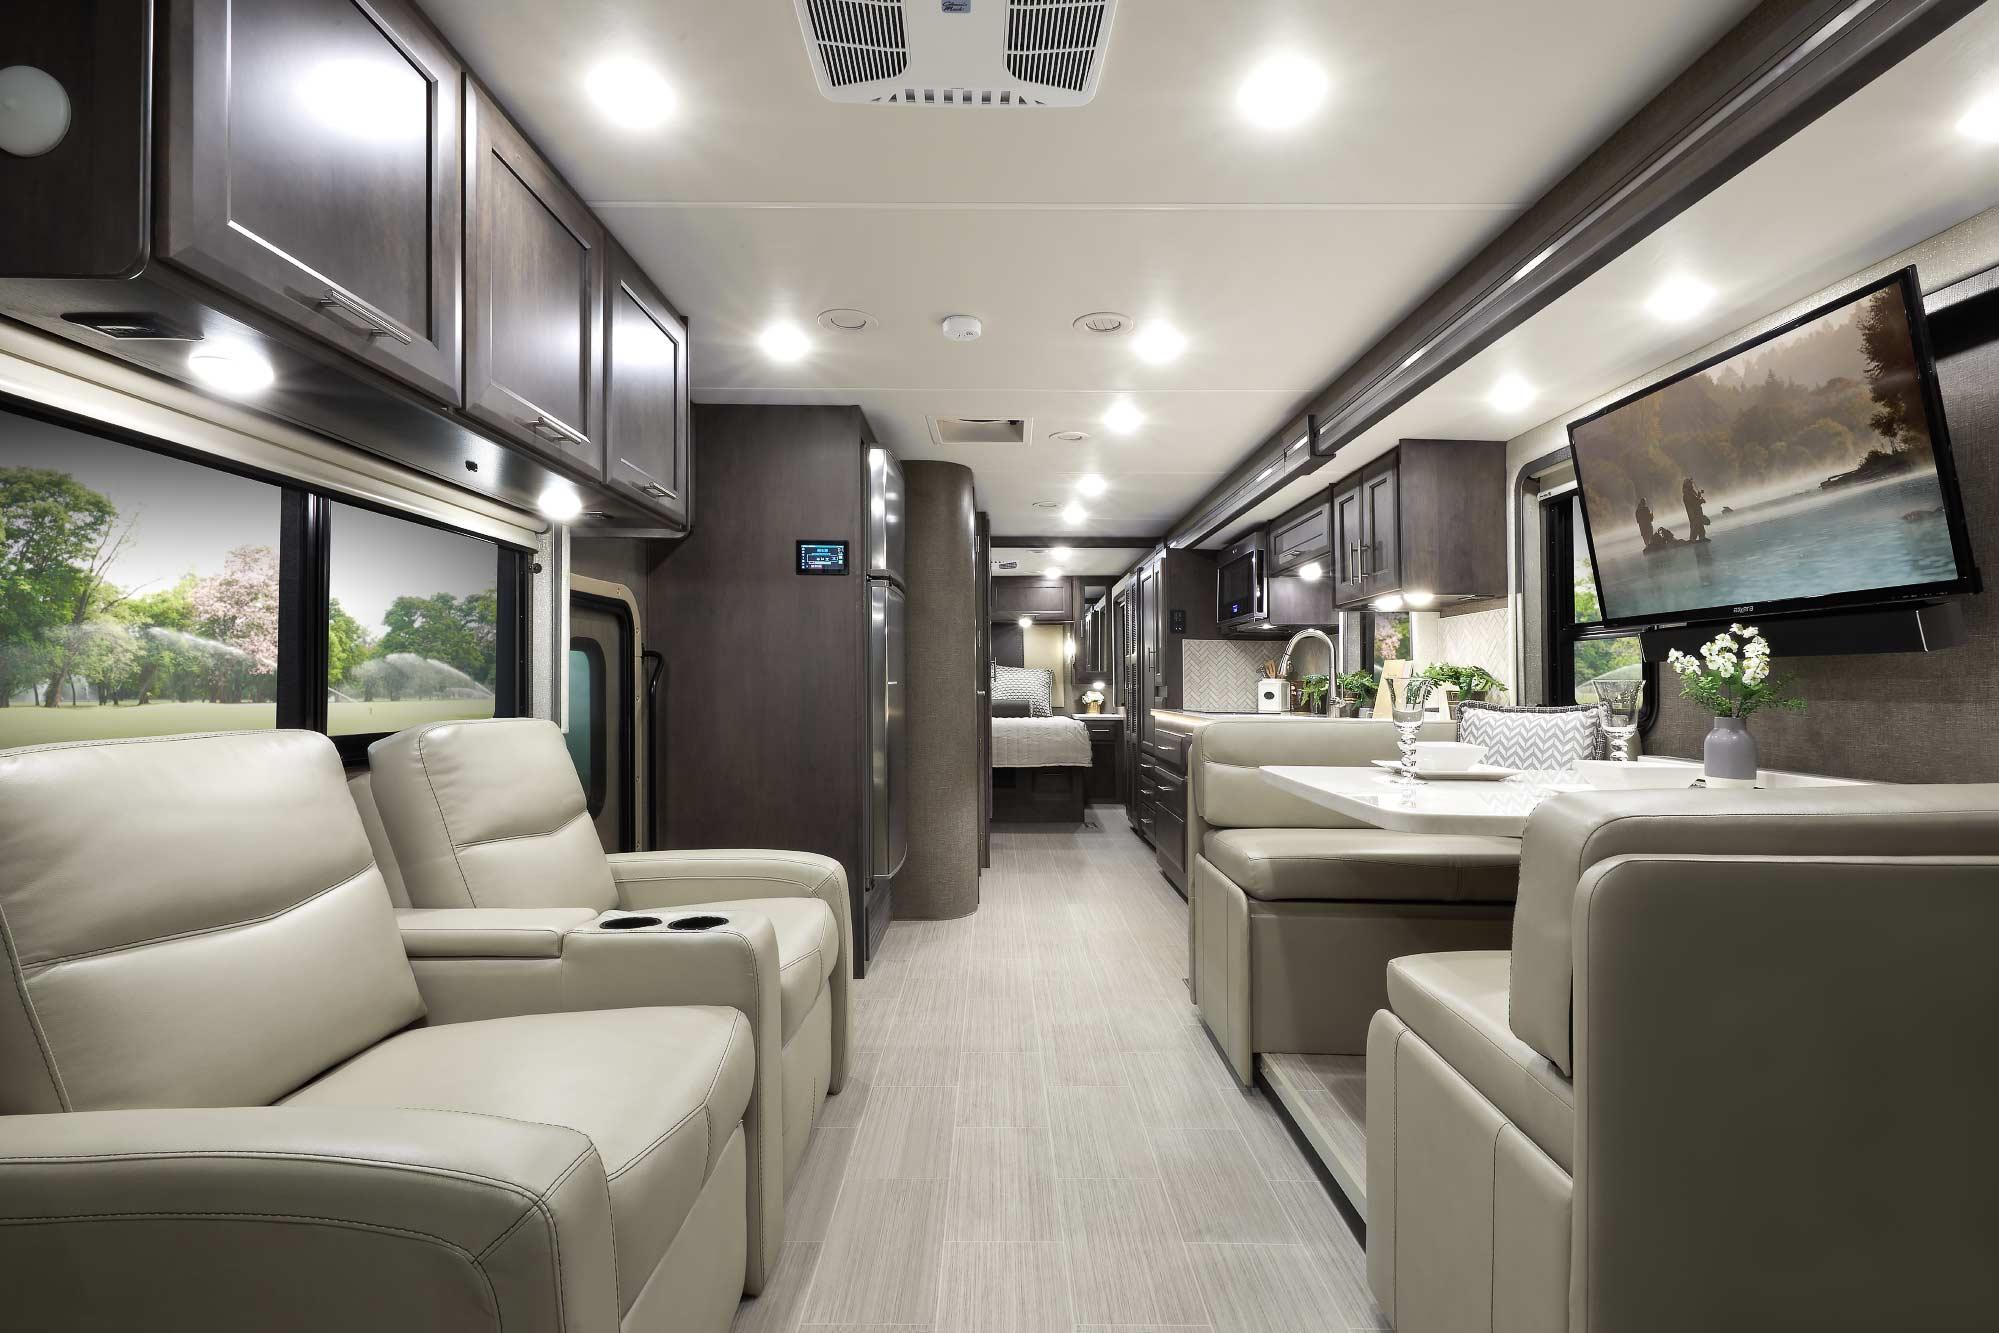 Palazzo Class A Diesel RV